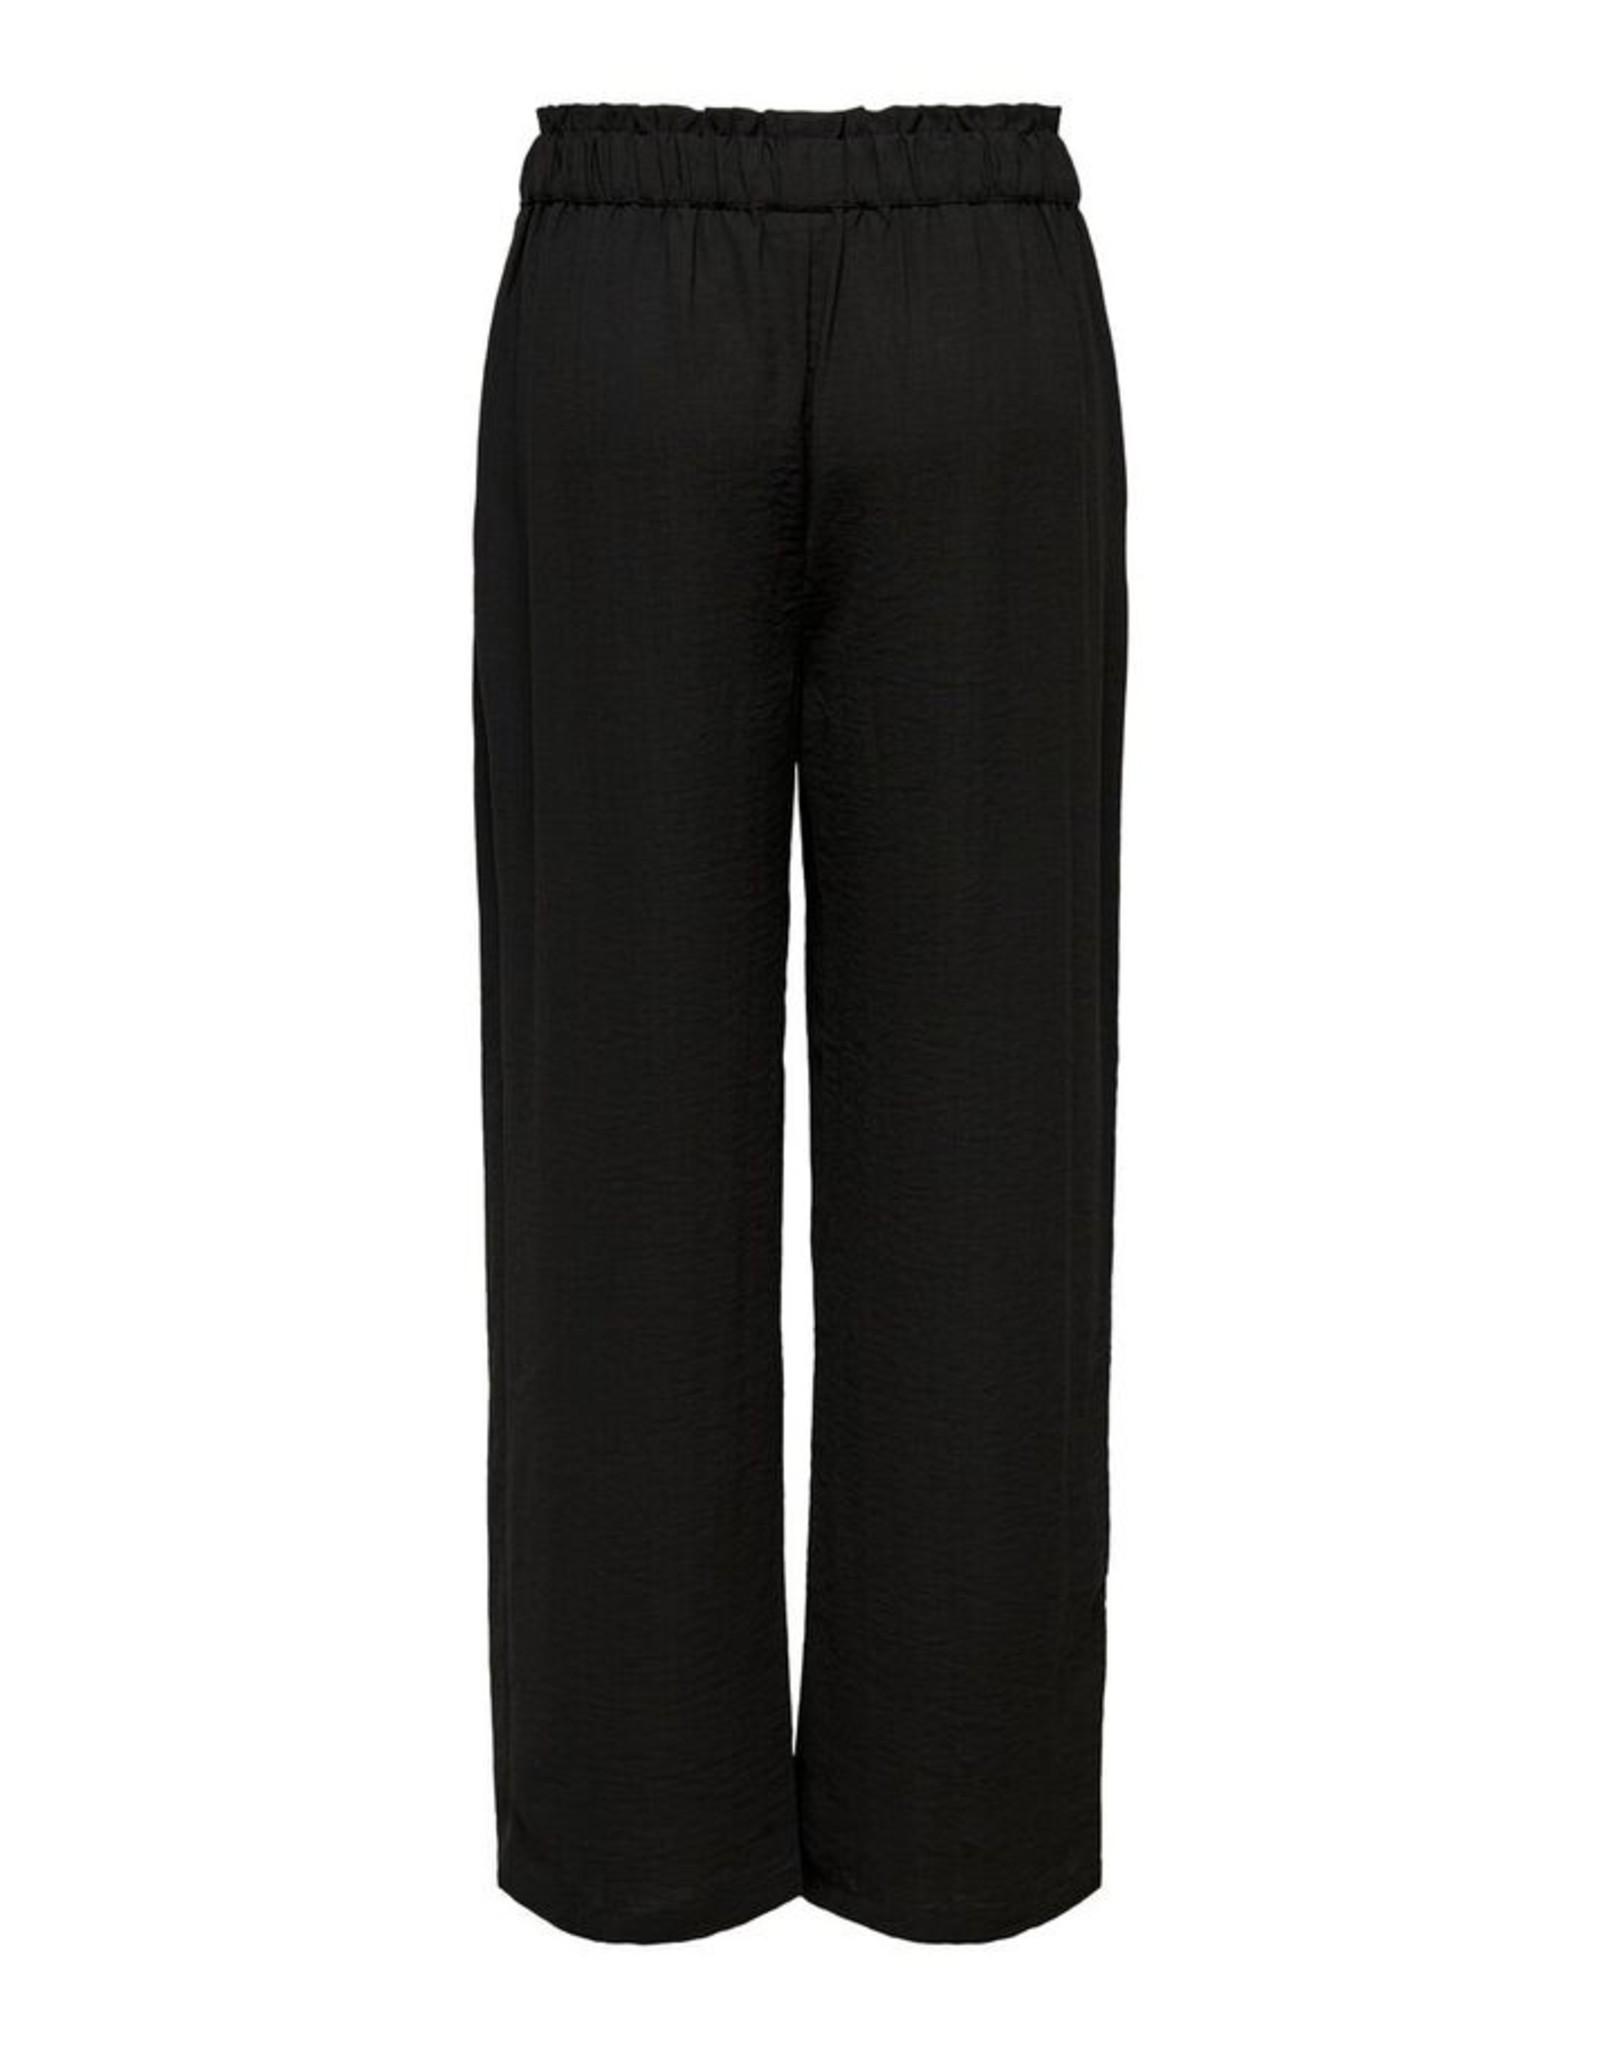 TINA PANTS BLACK